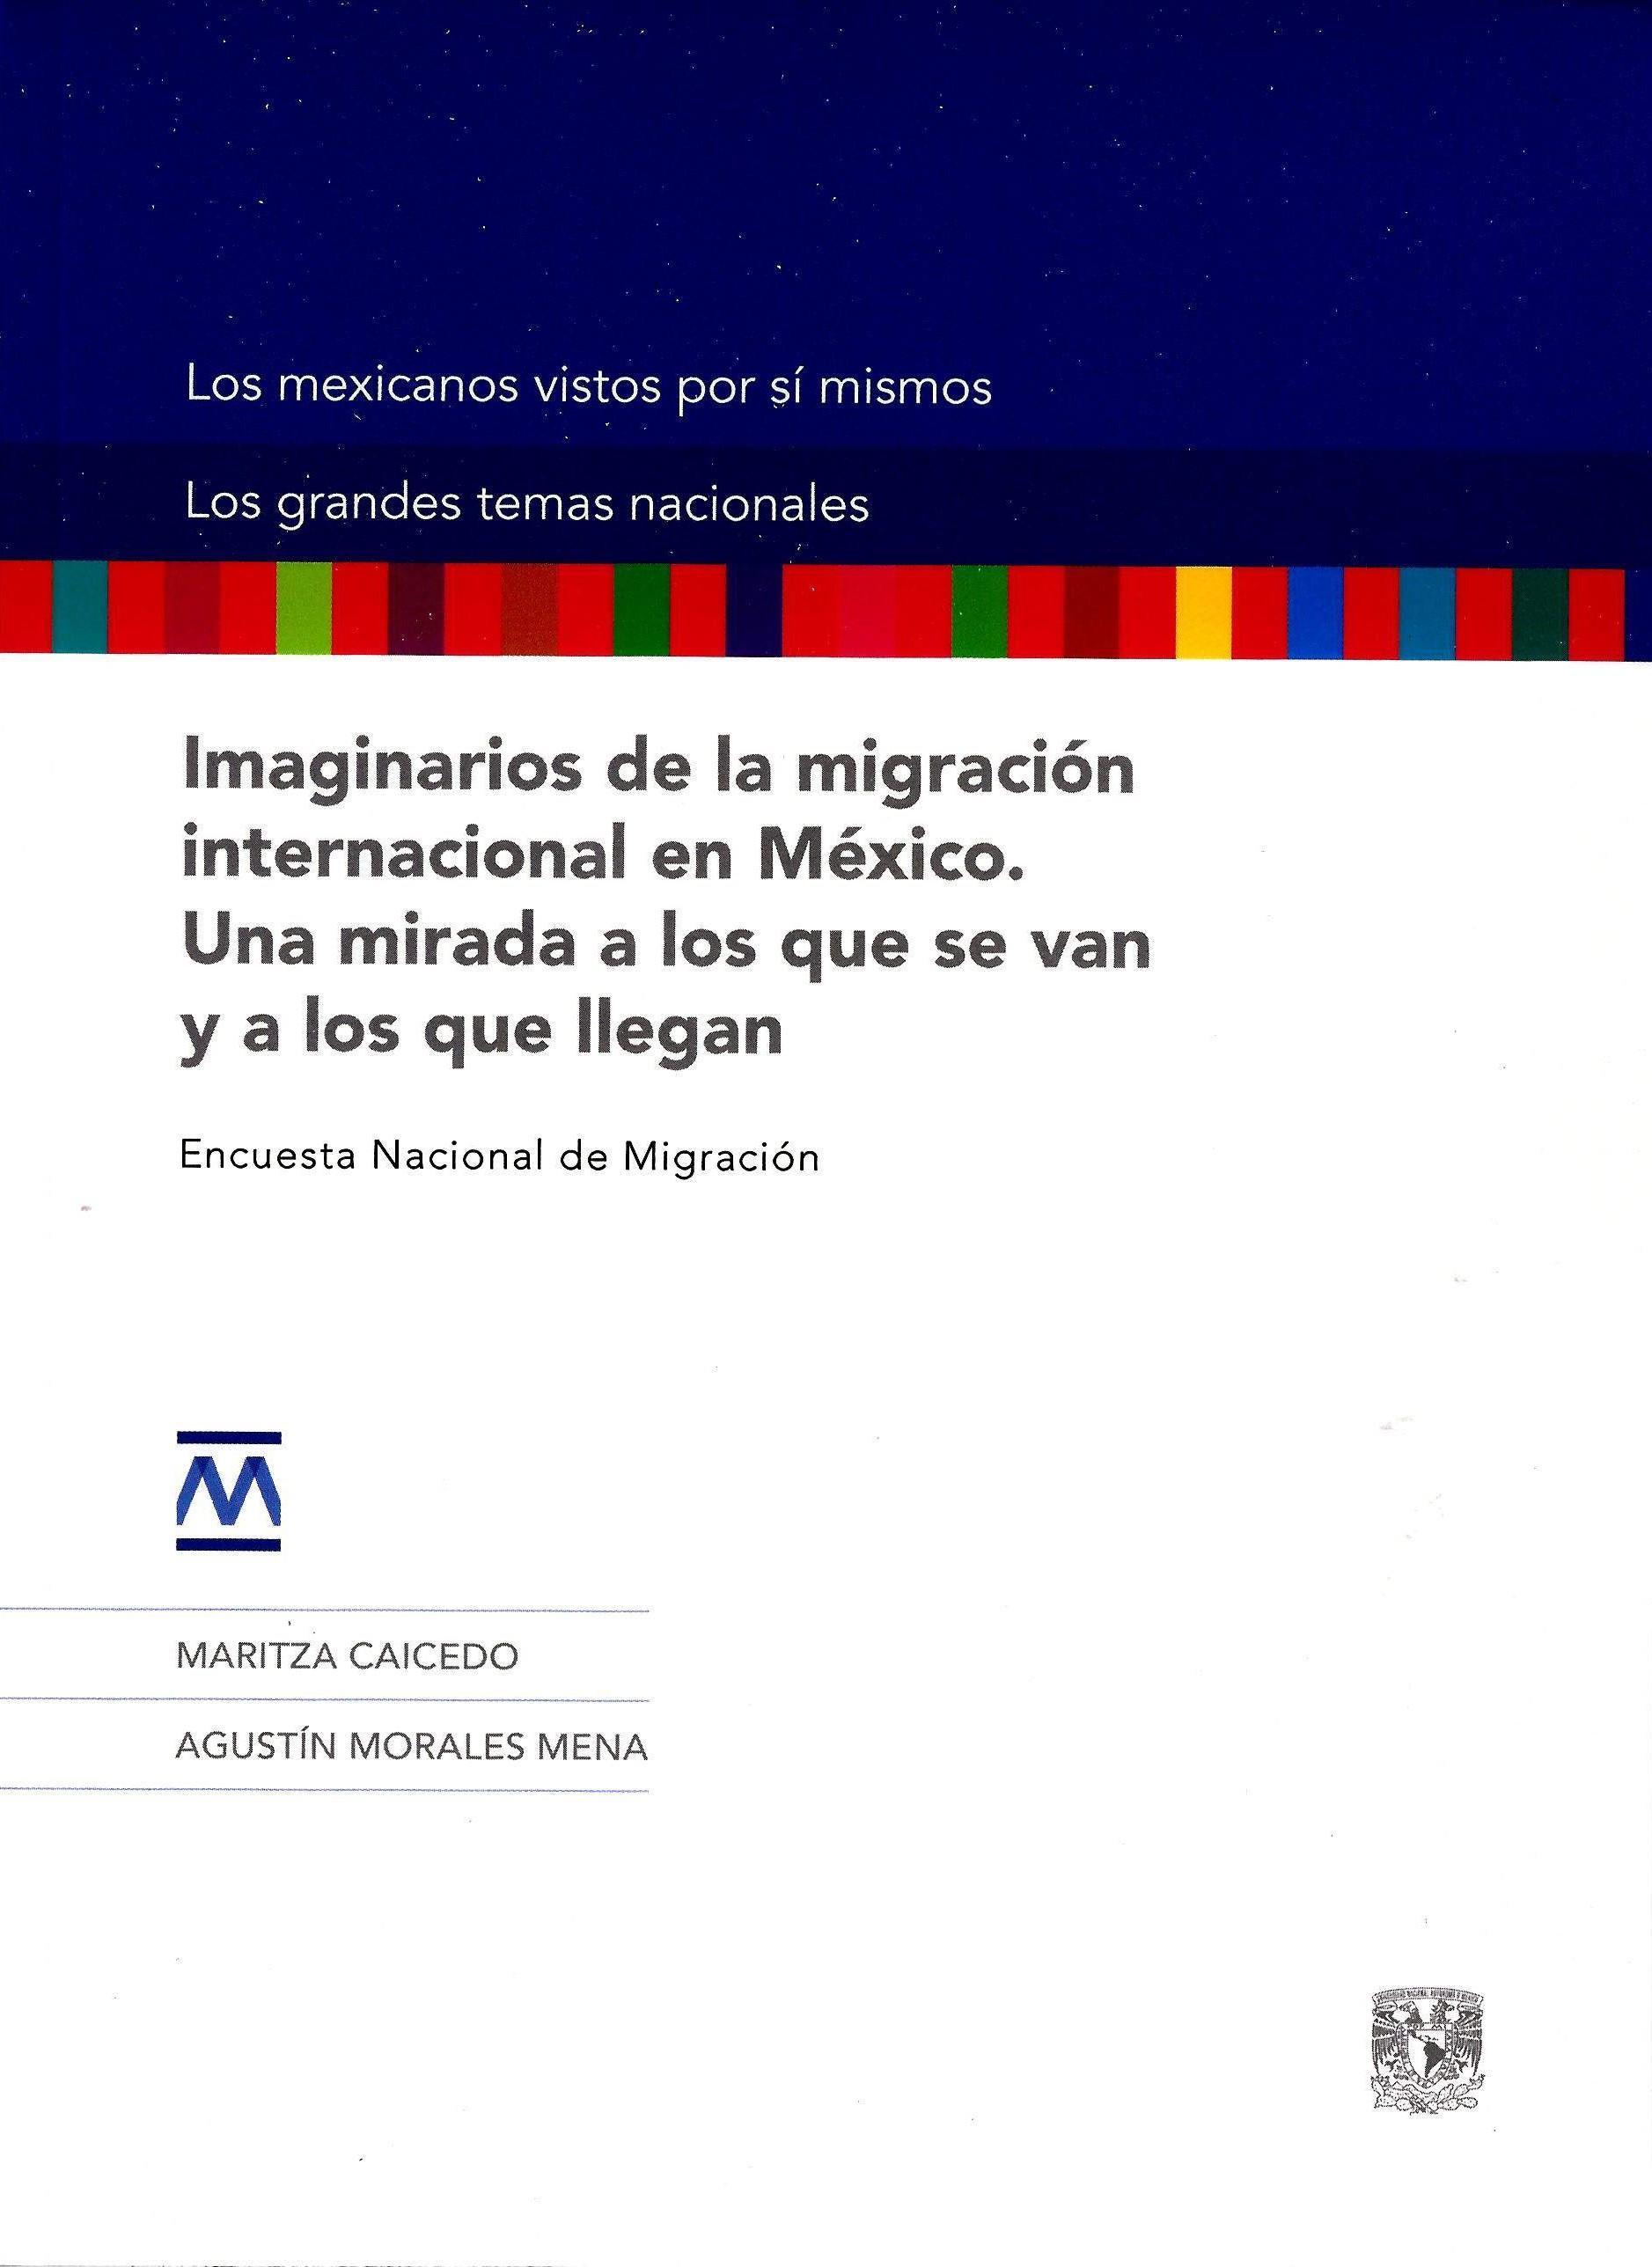 Imaginarios de la migración internacional en México. Una mirada a los que se van y a los que llegan. Encuesta Nacional de Migración